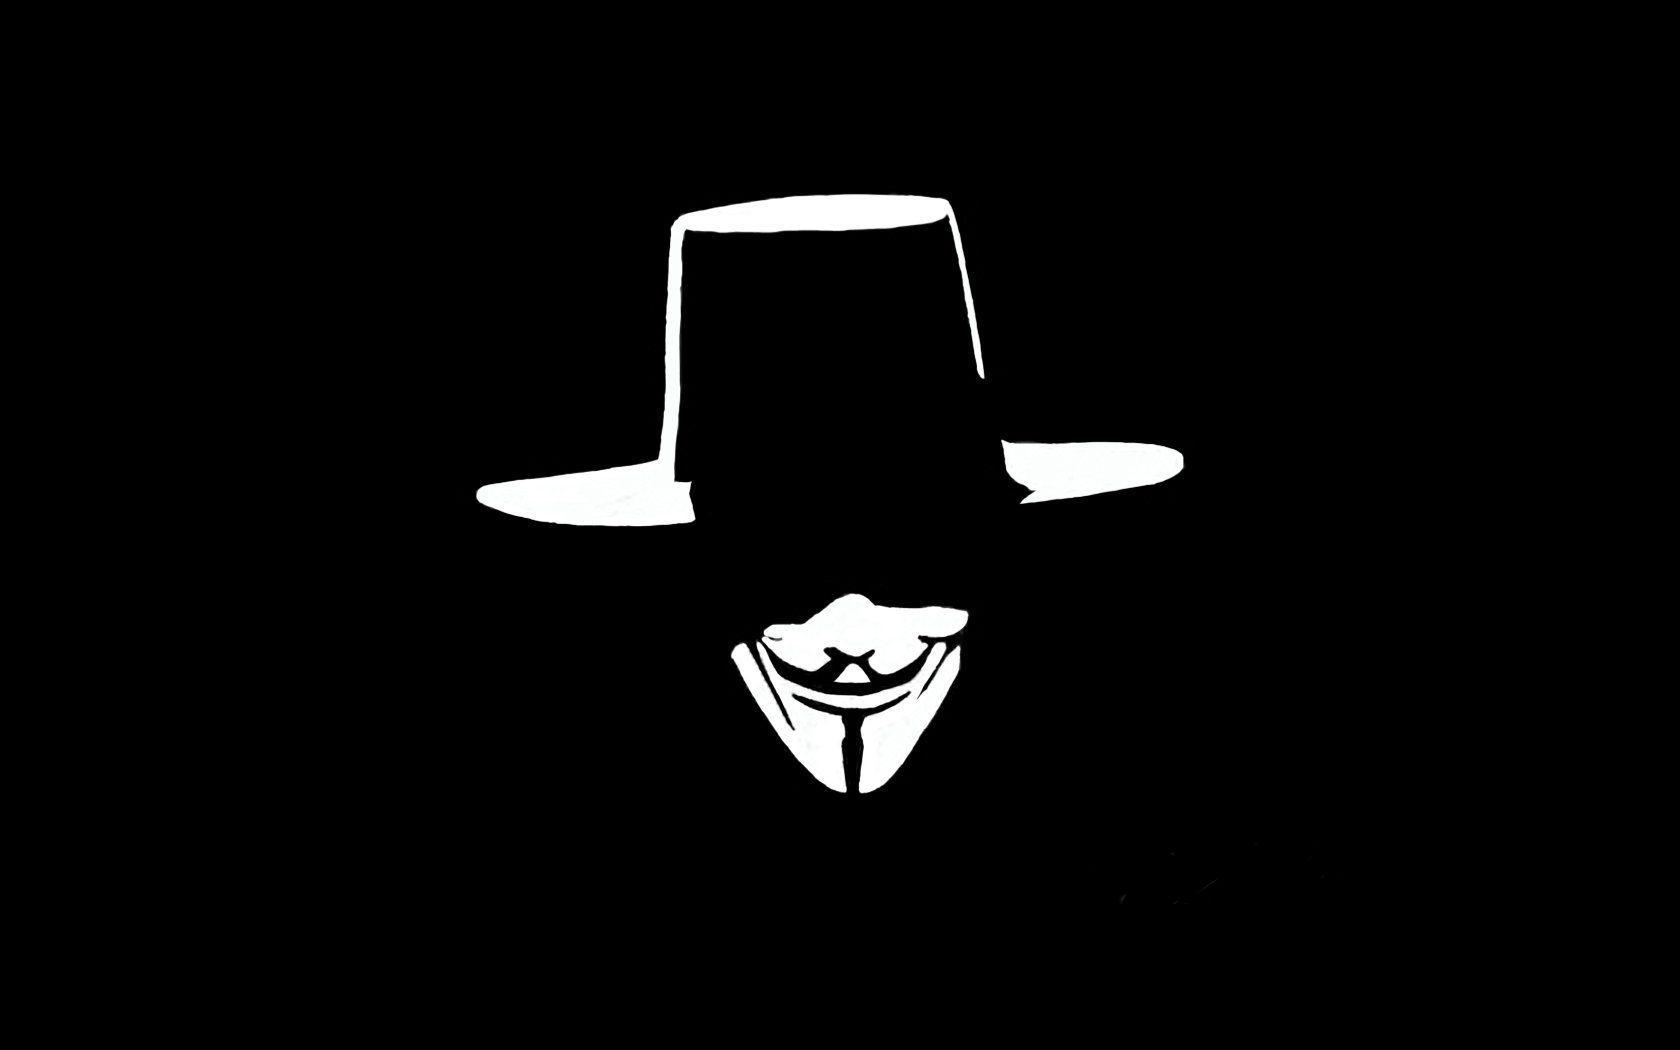 Fondos de pantalla de V de Vendetta | Wallpapers de V de Vendetta ...